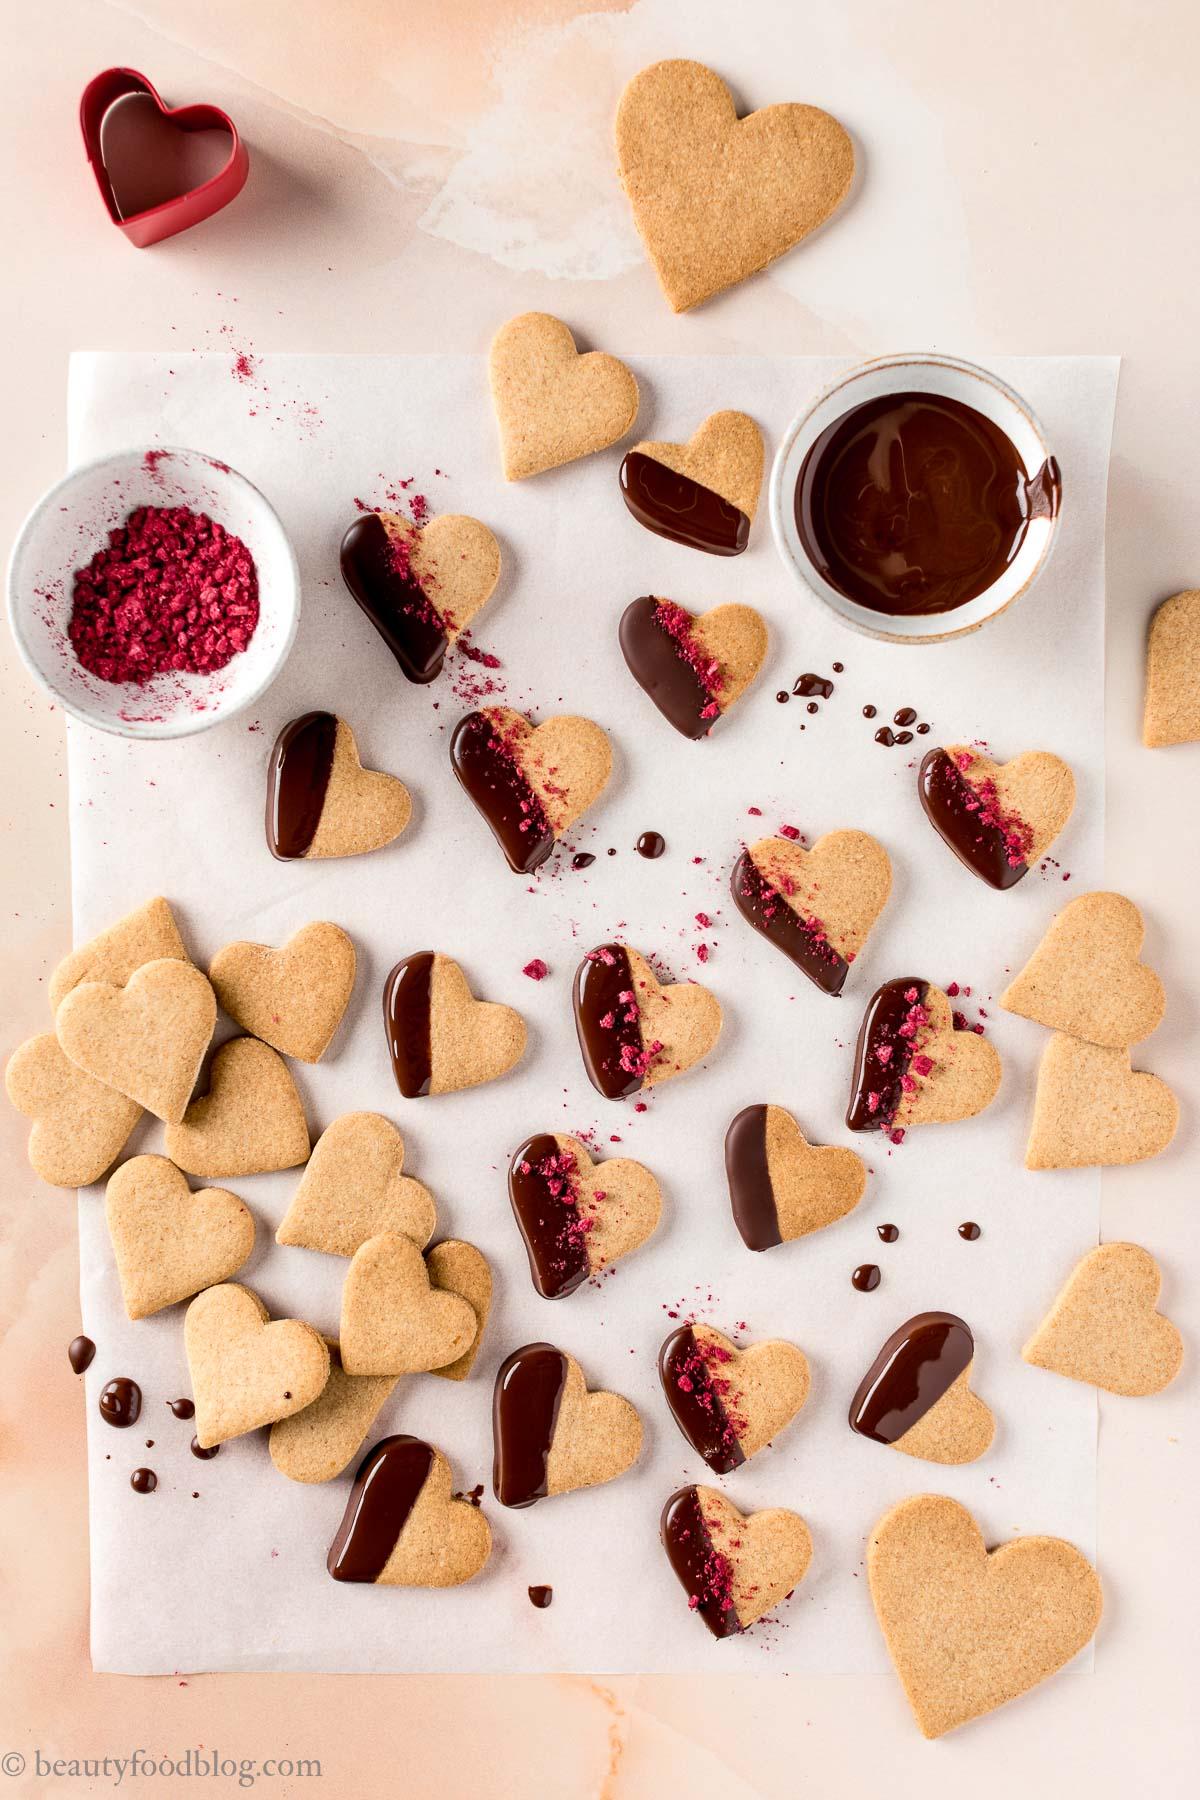 ricetta biscotti di pasta frolla vegana integrale senza uova senza burro per san valentino valentines day vegan shortbread cookies